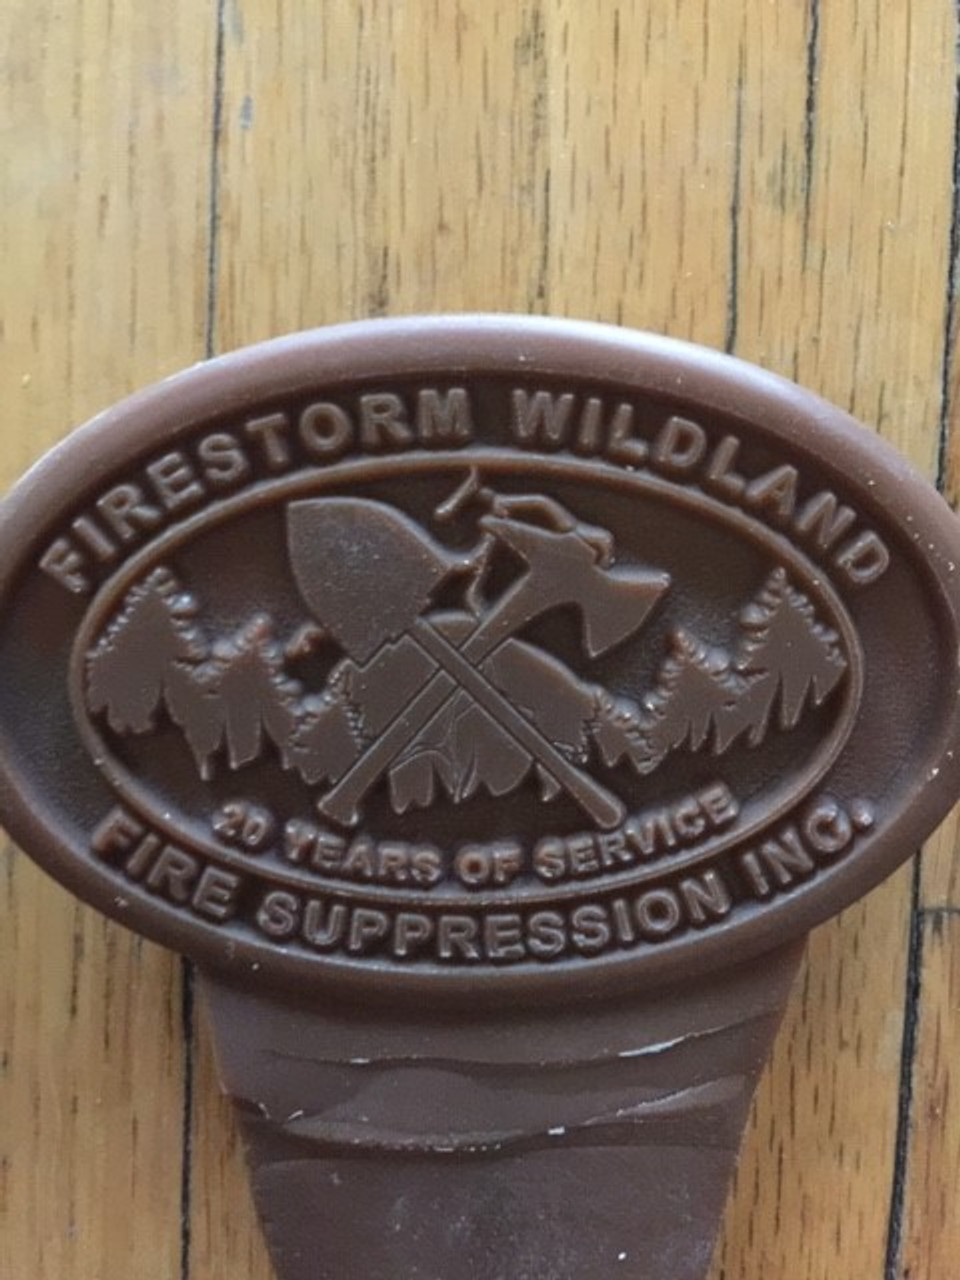 Firestorm Wildland Fire Suppression Buckle 20 Years